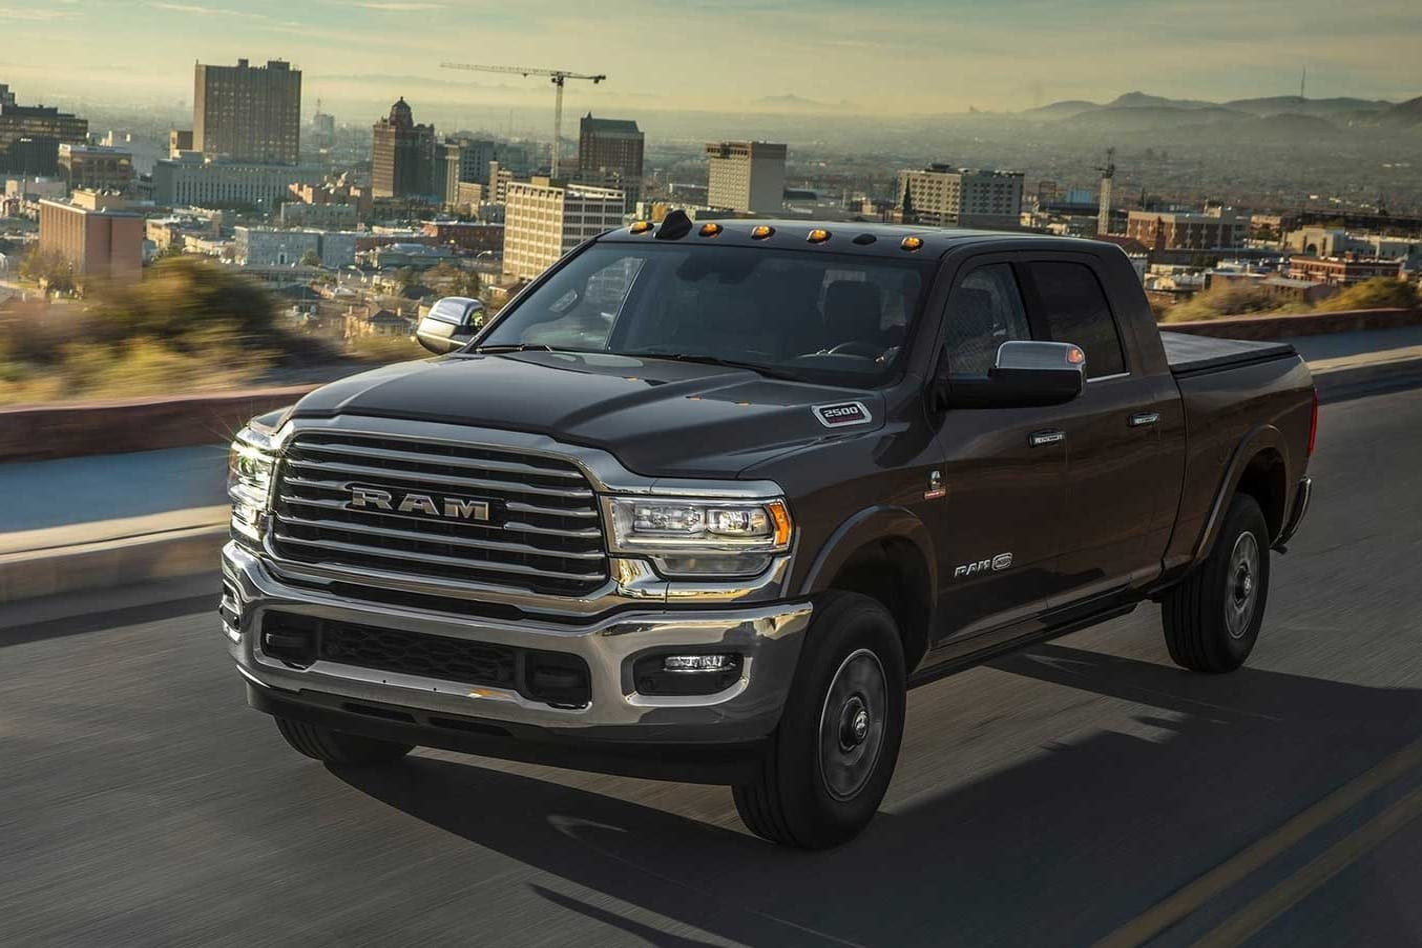 2019 Detroit Auto Show RAM 2500 3500 Heavy Duty unveiled